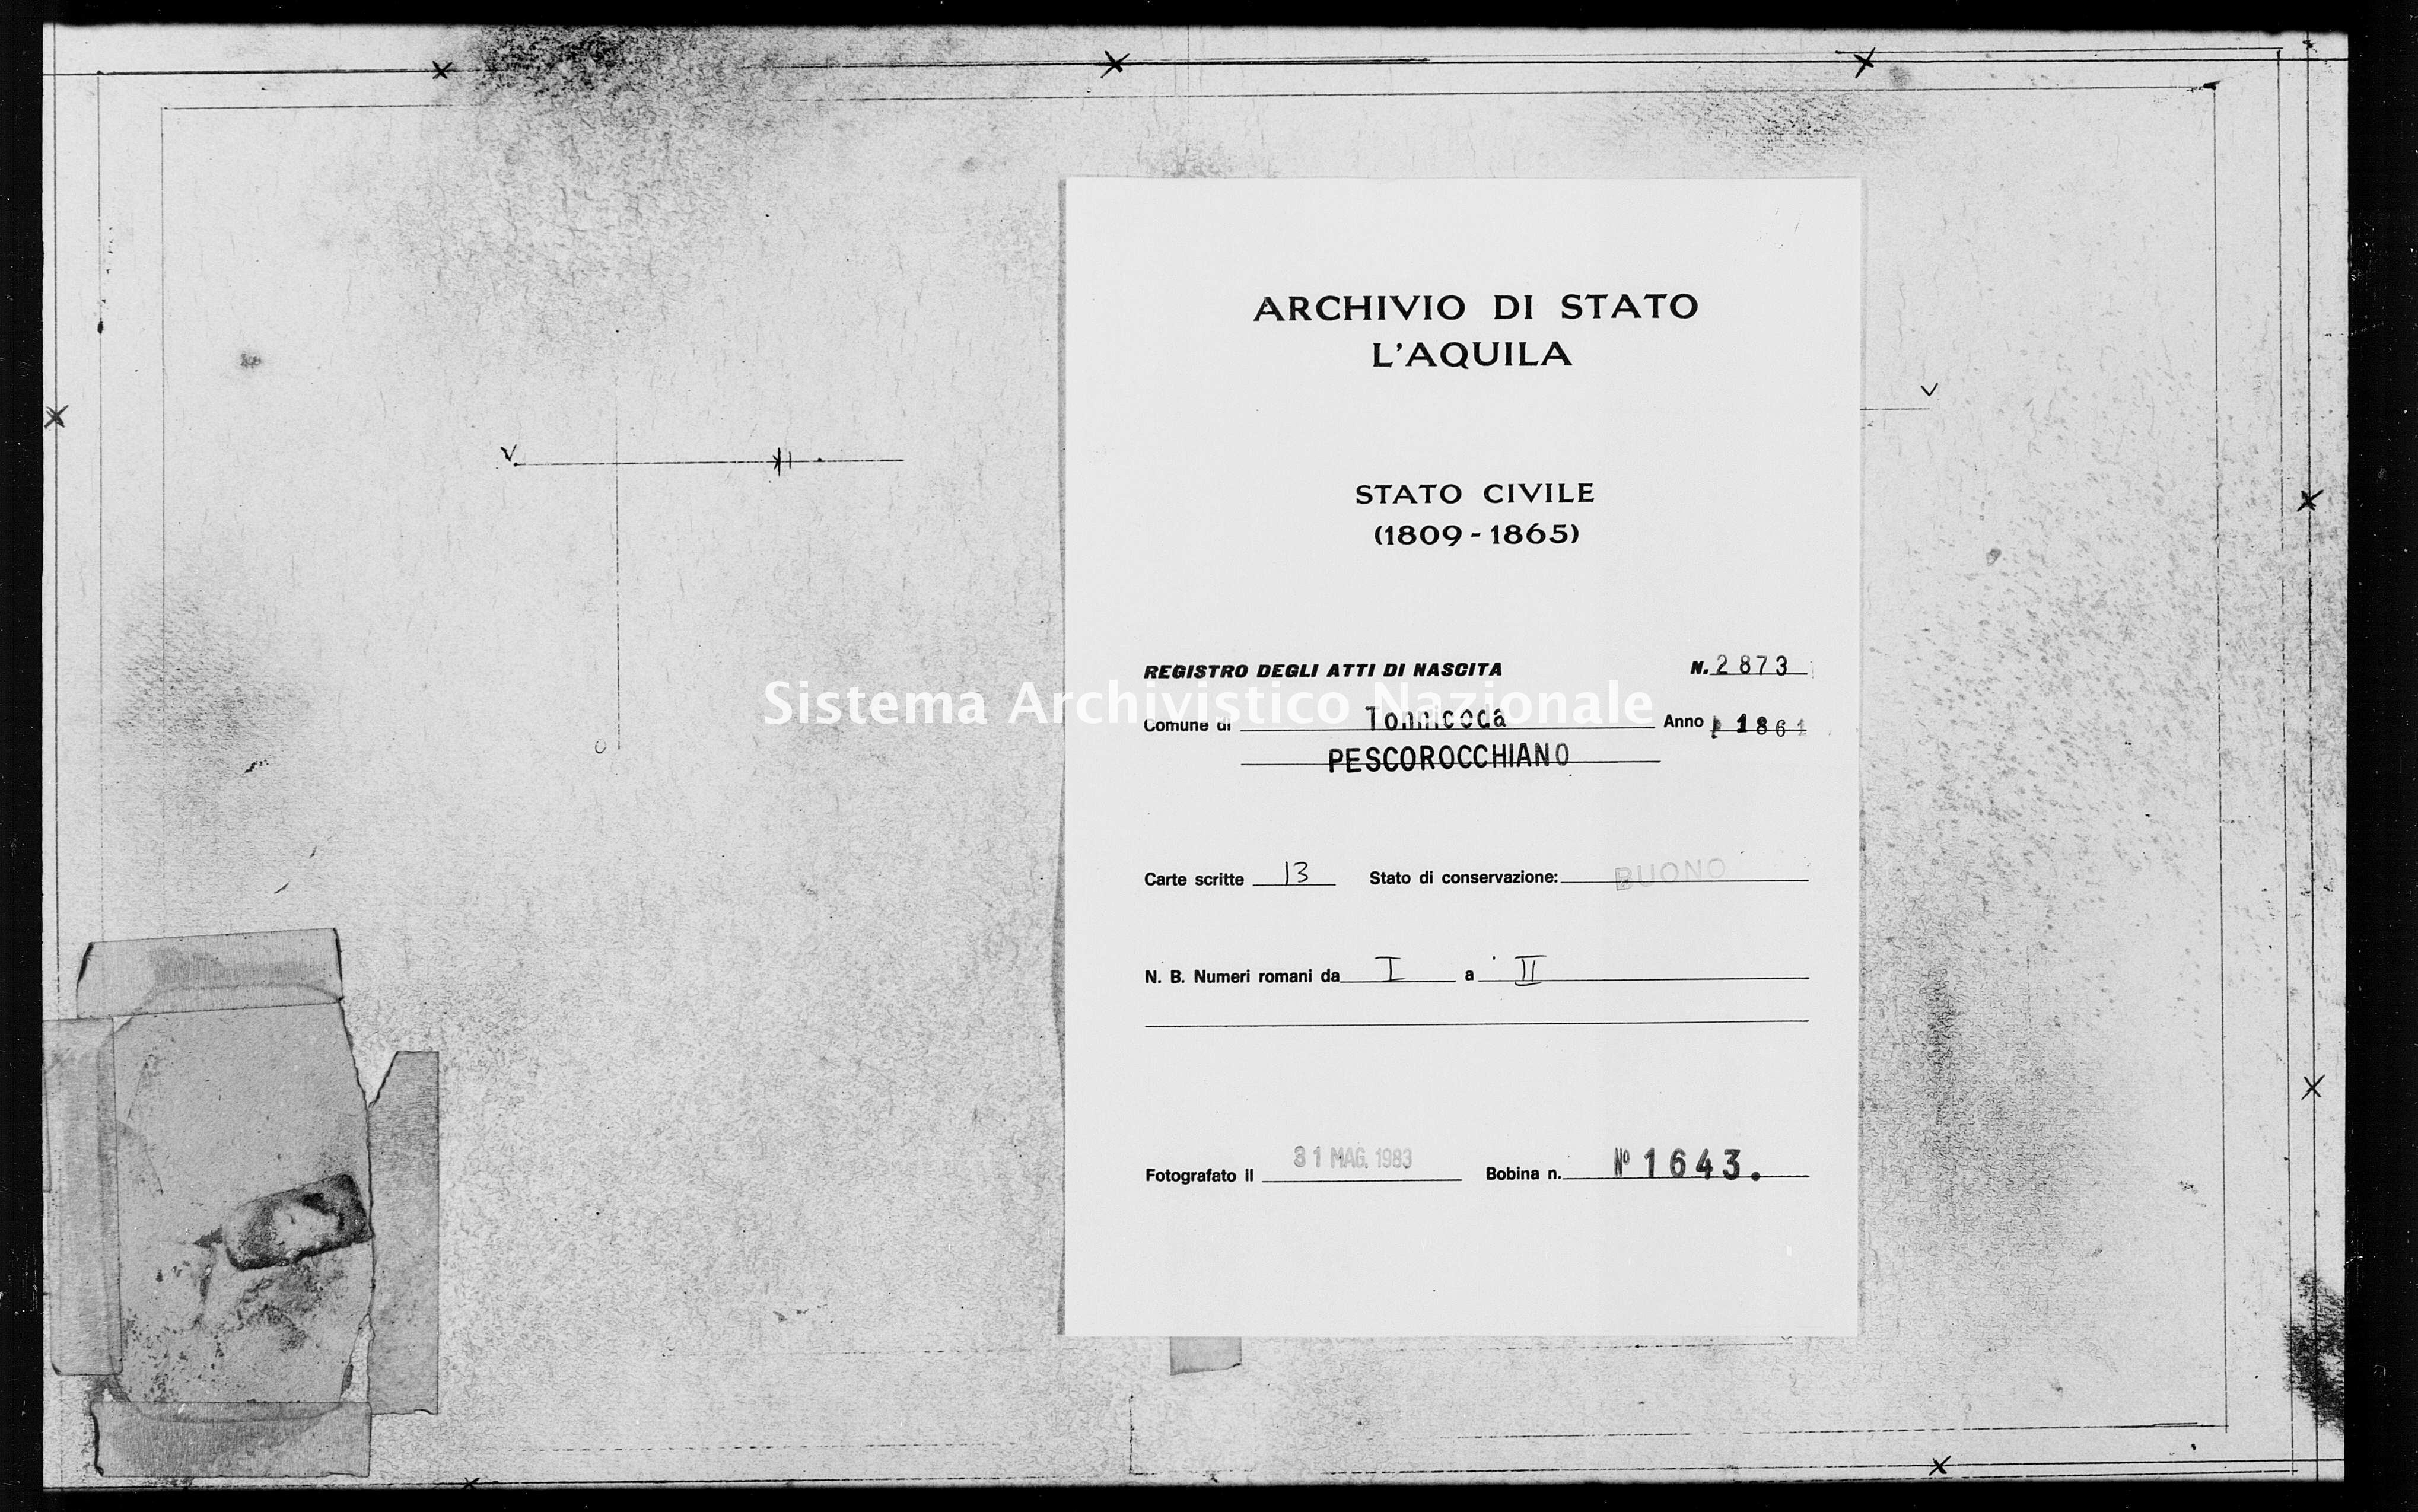 Archivio di stato di L'aquila - Stato civile italiano - Tonnicoda - Nati - 1861 - 2873 -